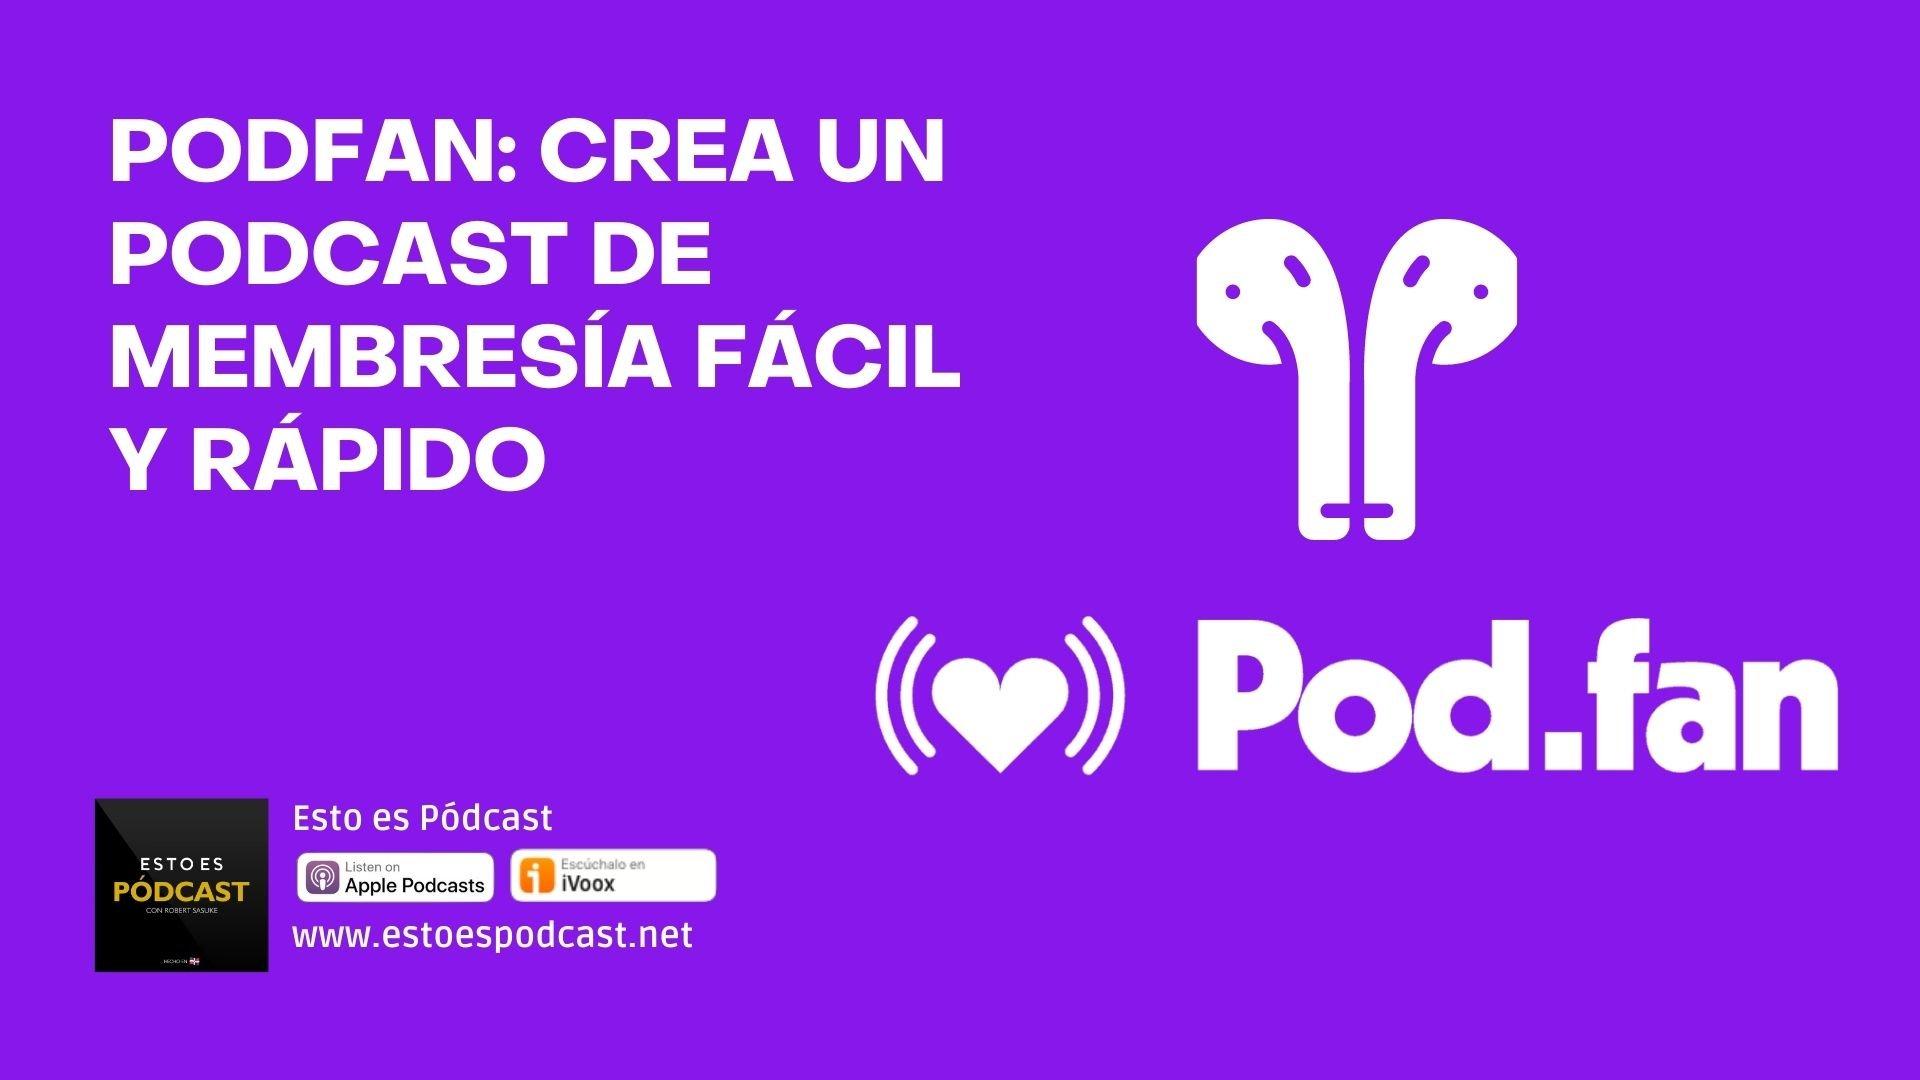 Pod.Fan: Crea un podcast con membresía